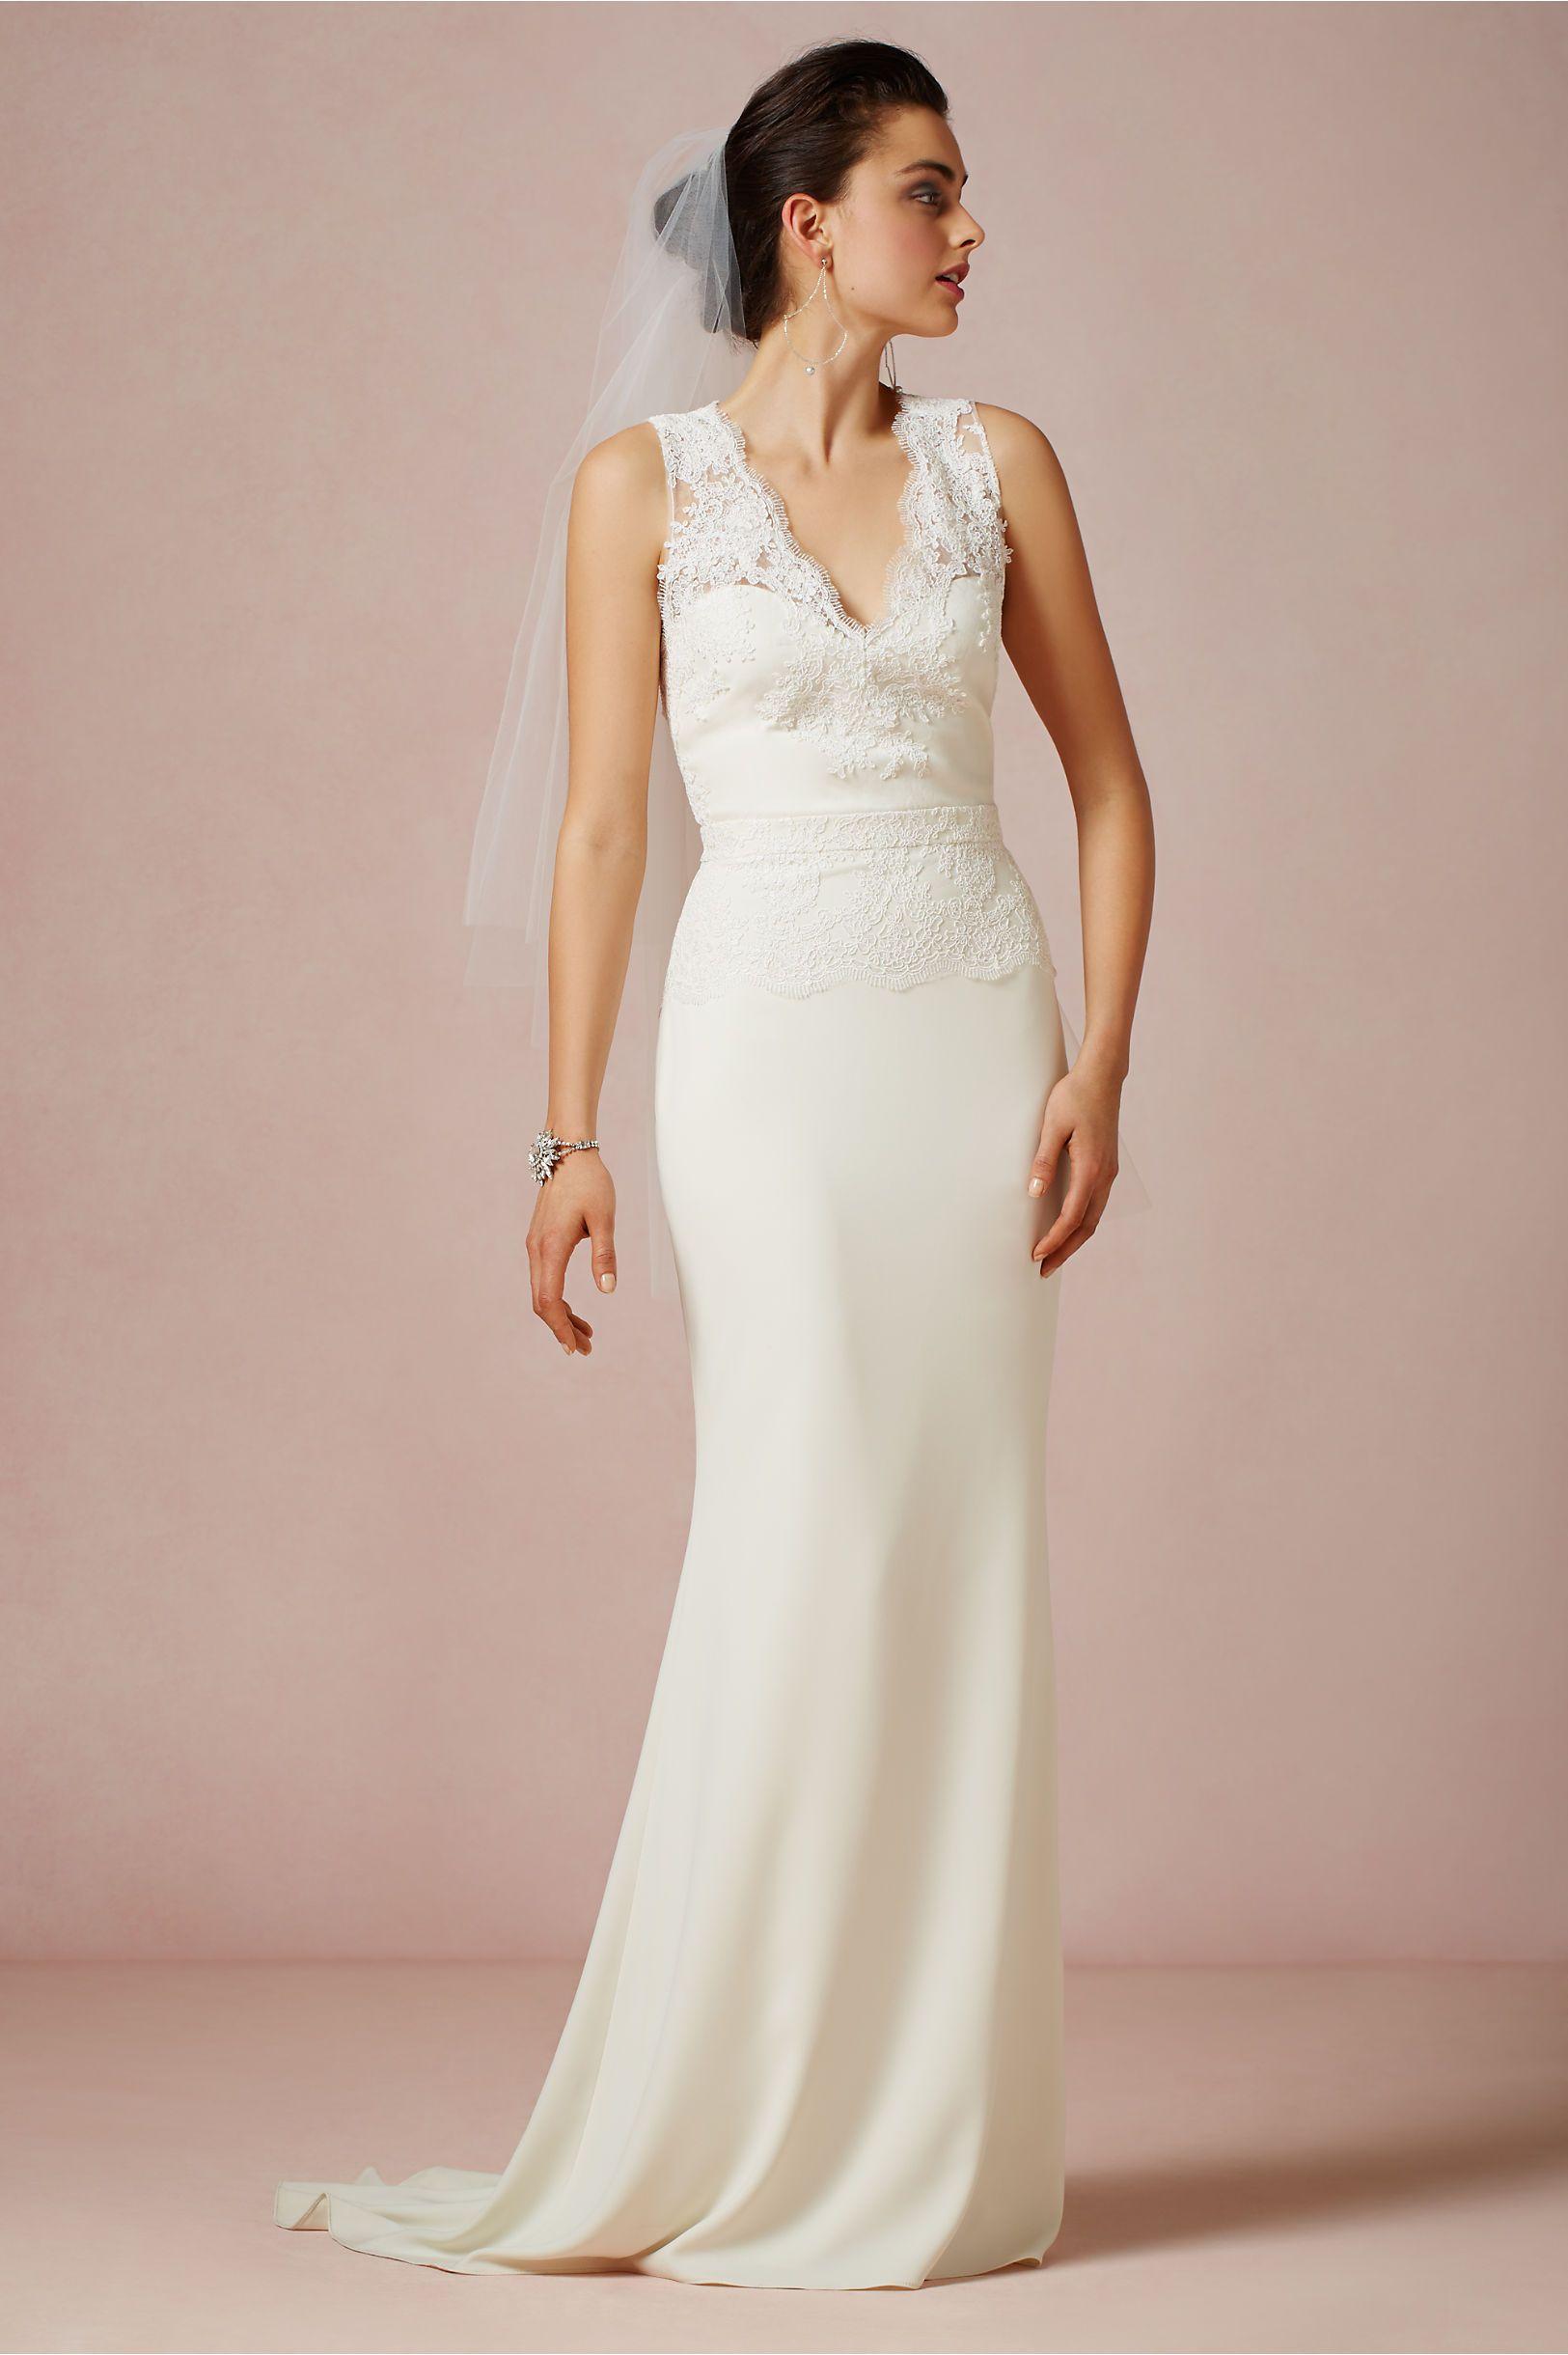 BHLDN ODESSA GOWN/28923803 Size 4 Wedding Dress | Gowns, Wedding ...